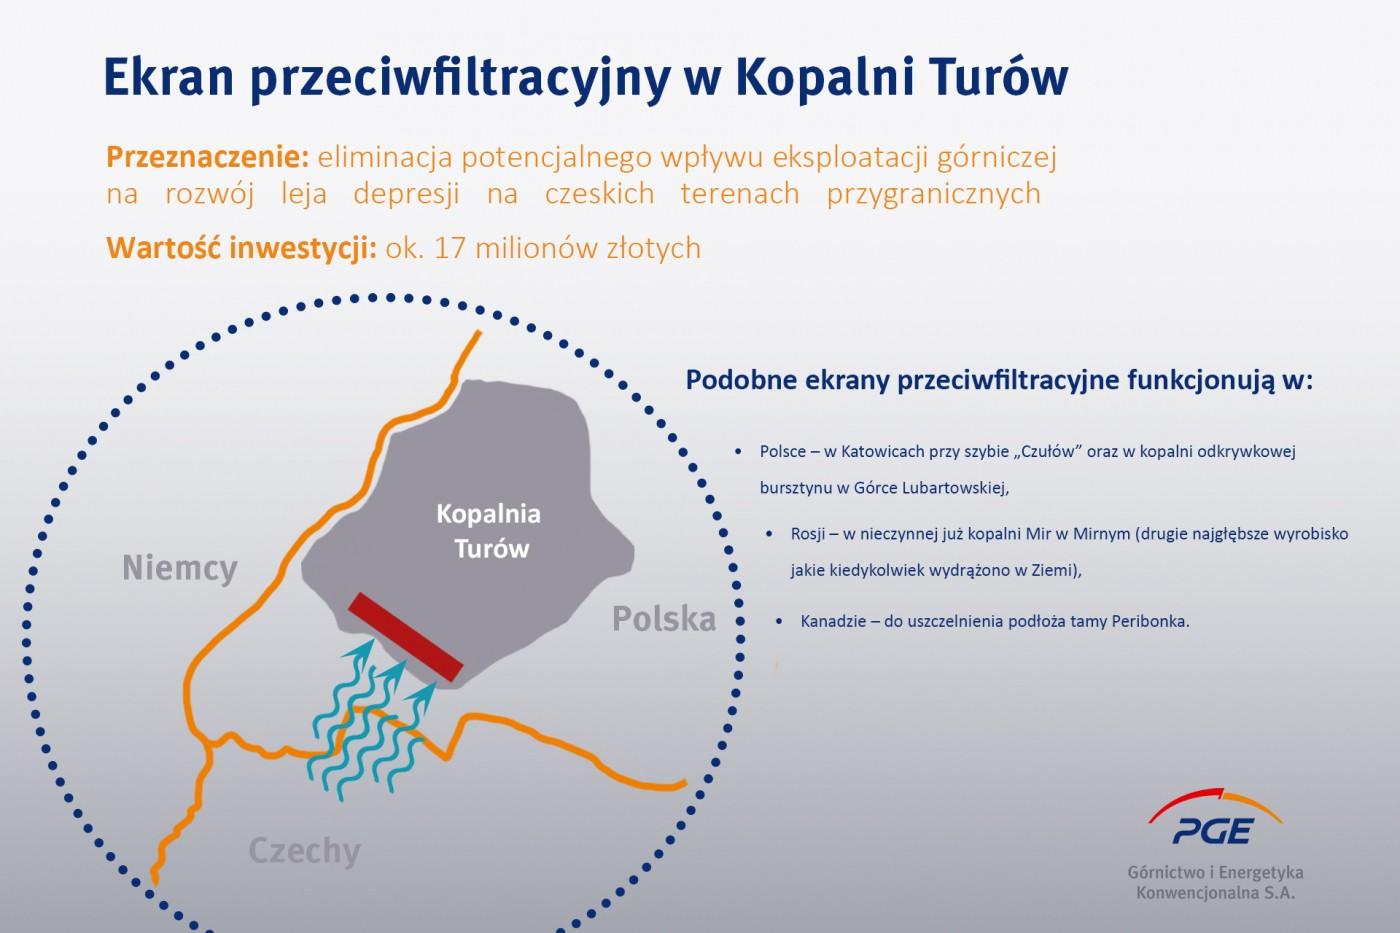 infografika_ekrany-przeciwfiltracyjny-w-kwbt_2.jpg